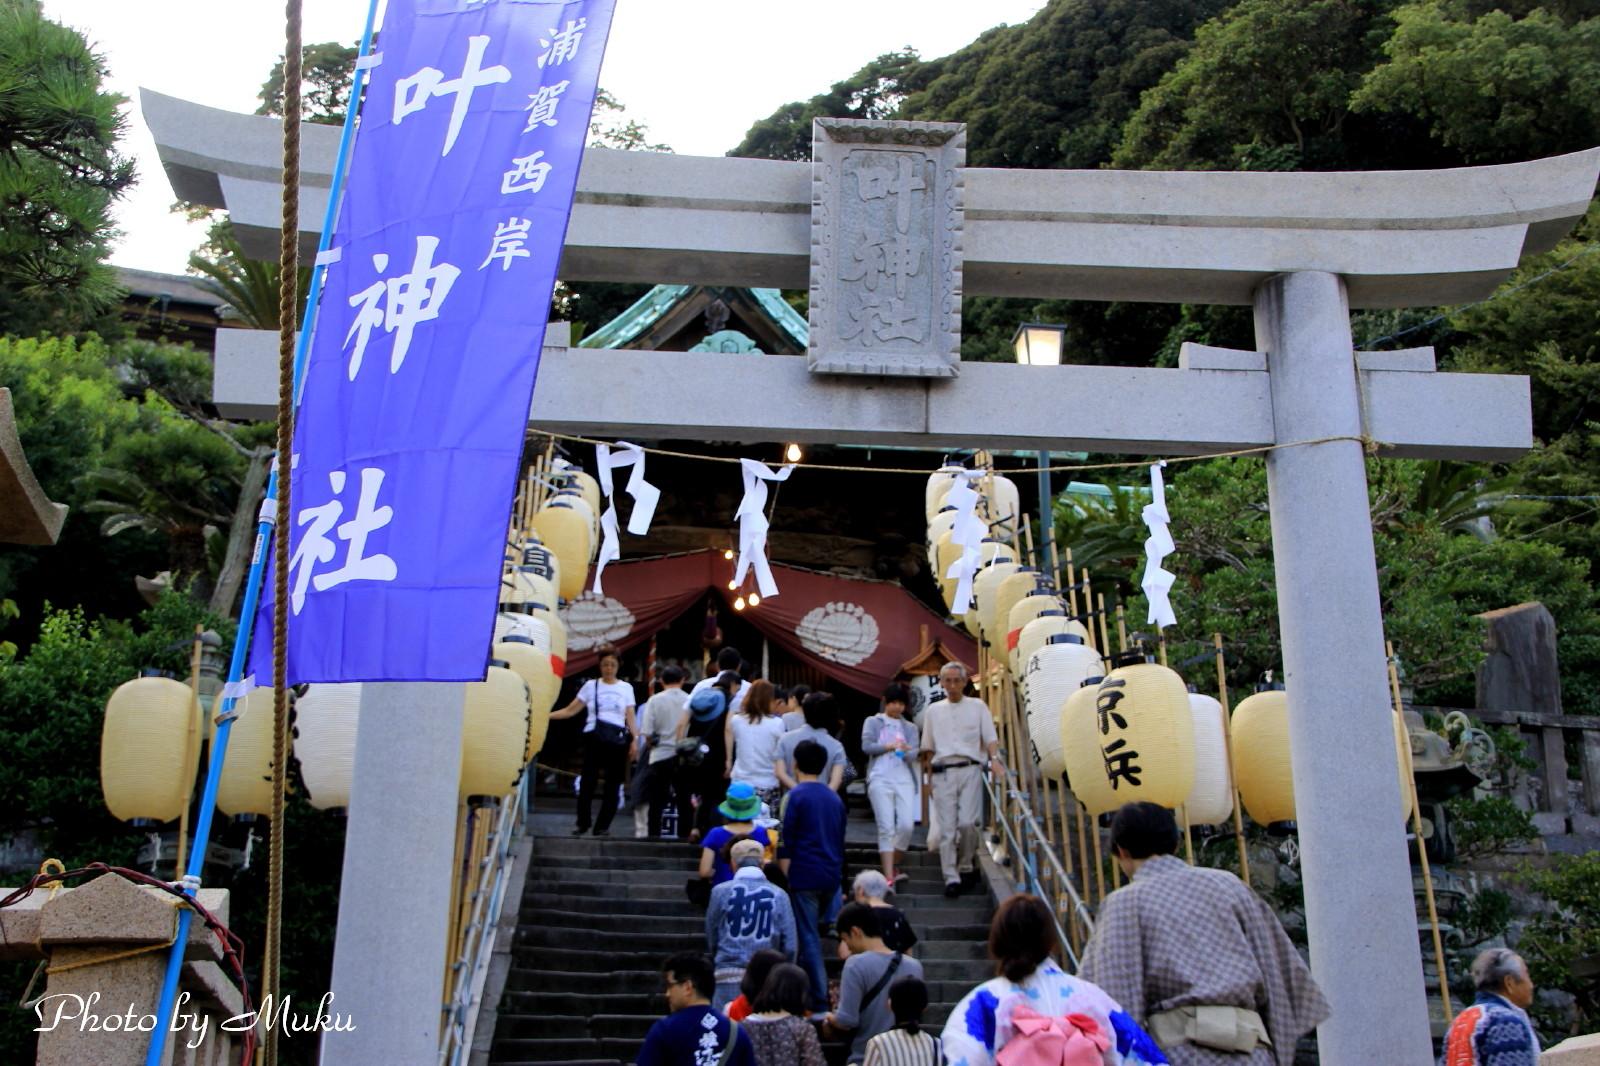 2014.9.14 叶神社 (西浦賀:神奈川県横須賀市)